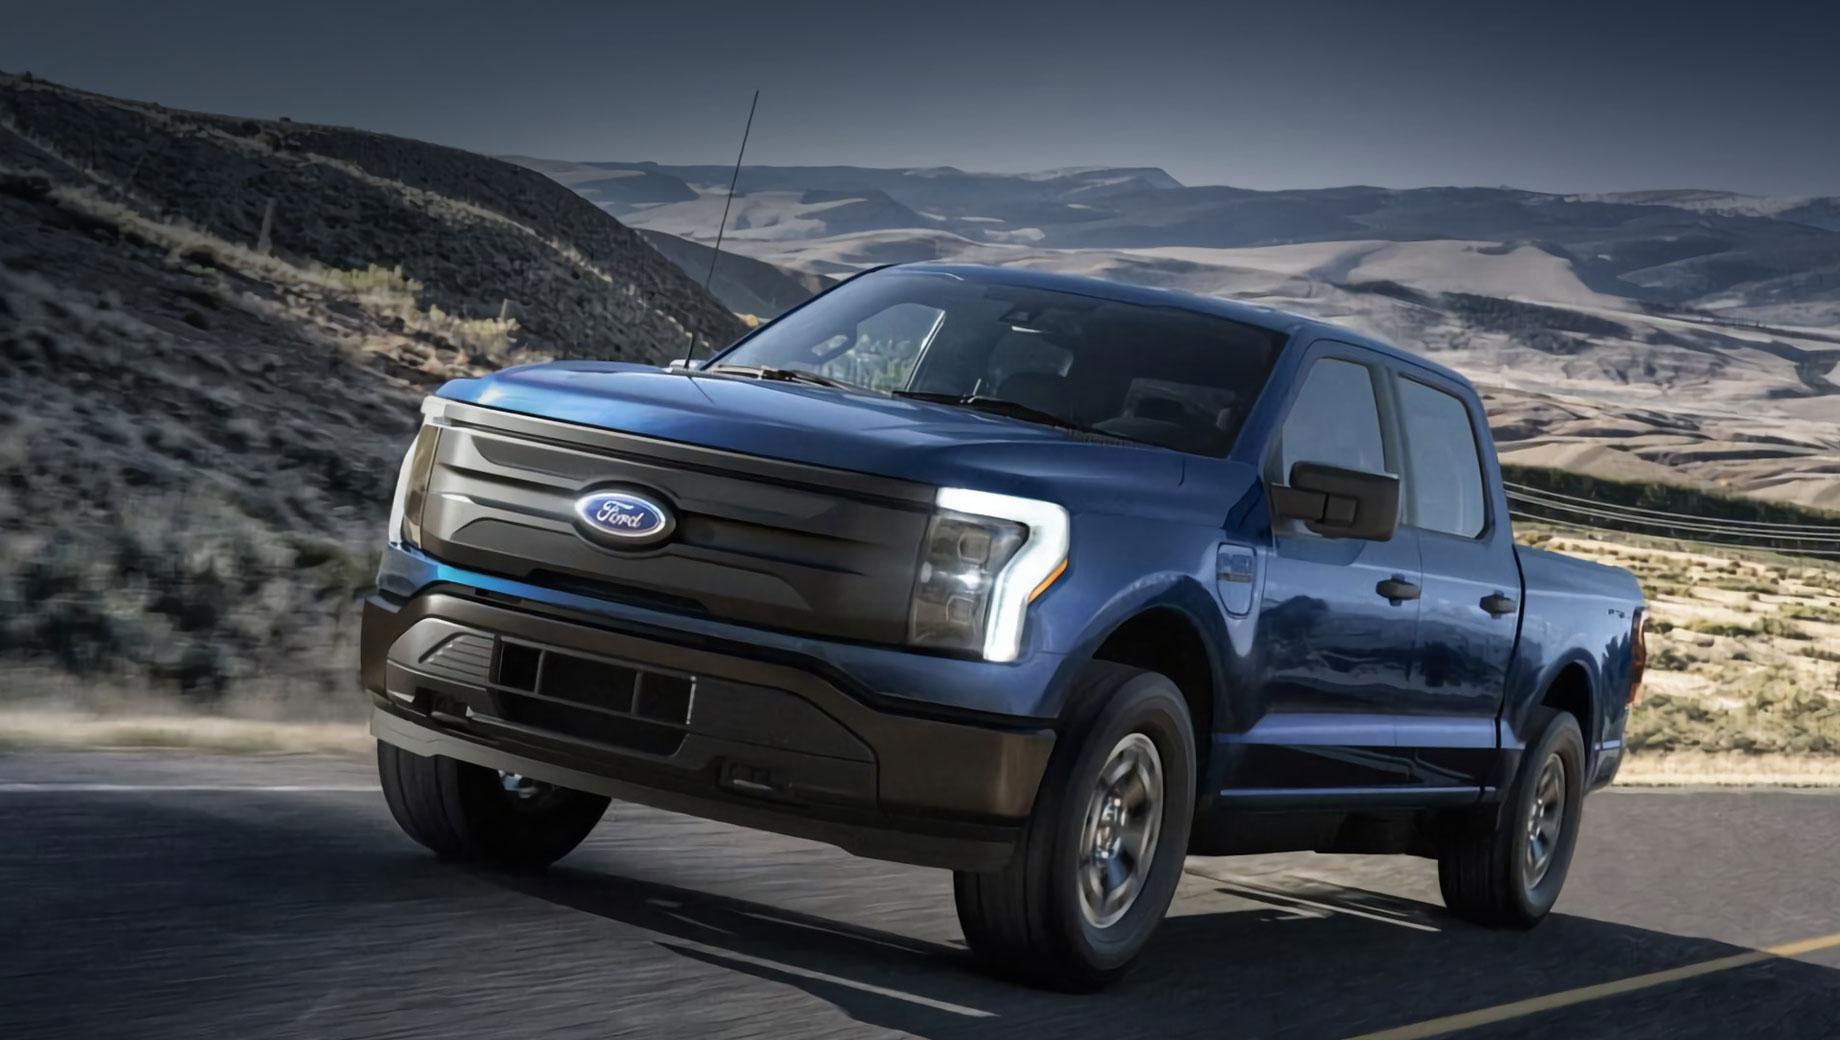 Ford f-150,Ford f-150 ev,Ford f-150 lightning. «Дешёвая» вариация лишена светодиодных полос во всю ширину, поставляется с неокрашенными решёткой, бамперами и дверными ручками, ездит на меньших легкосплавных колёсах. Багажник под капотом, водонепроницаемый и освещённый, отпирается с брелока, внешней кнопки либо из салона.